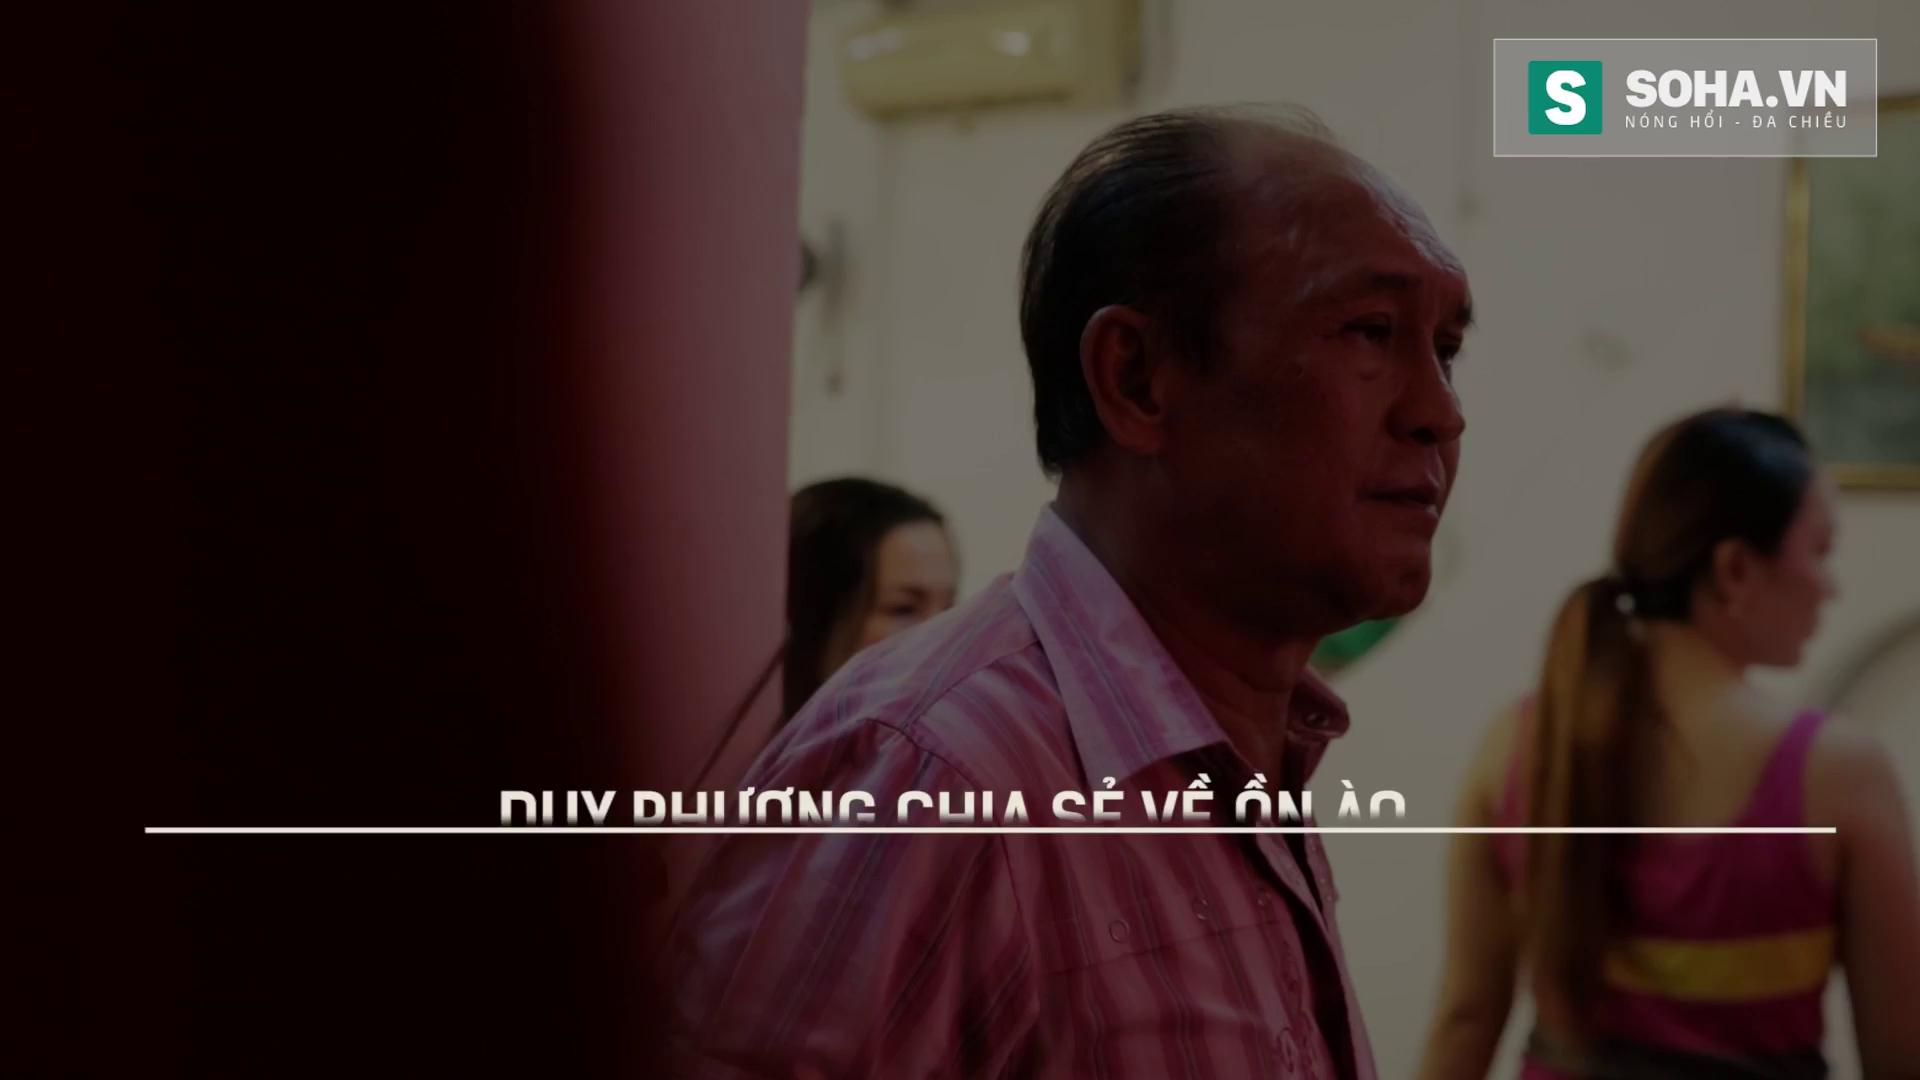 Clip Duy Phương chia sẻ về cuộc sống sau ánh hào quang.